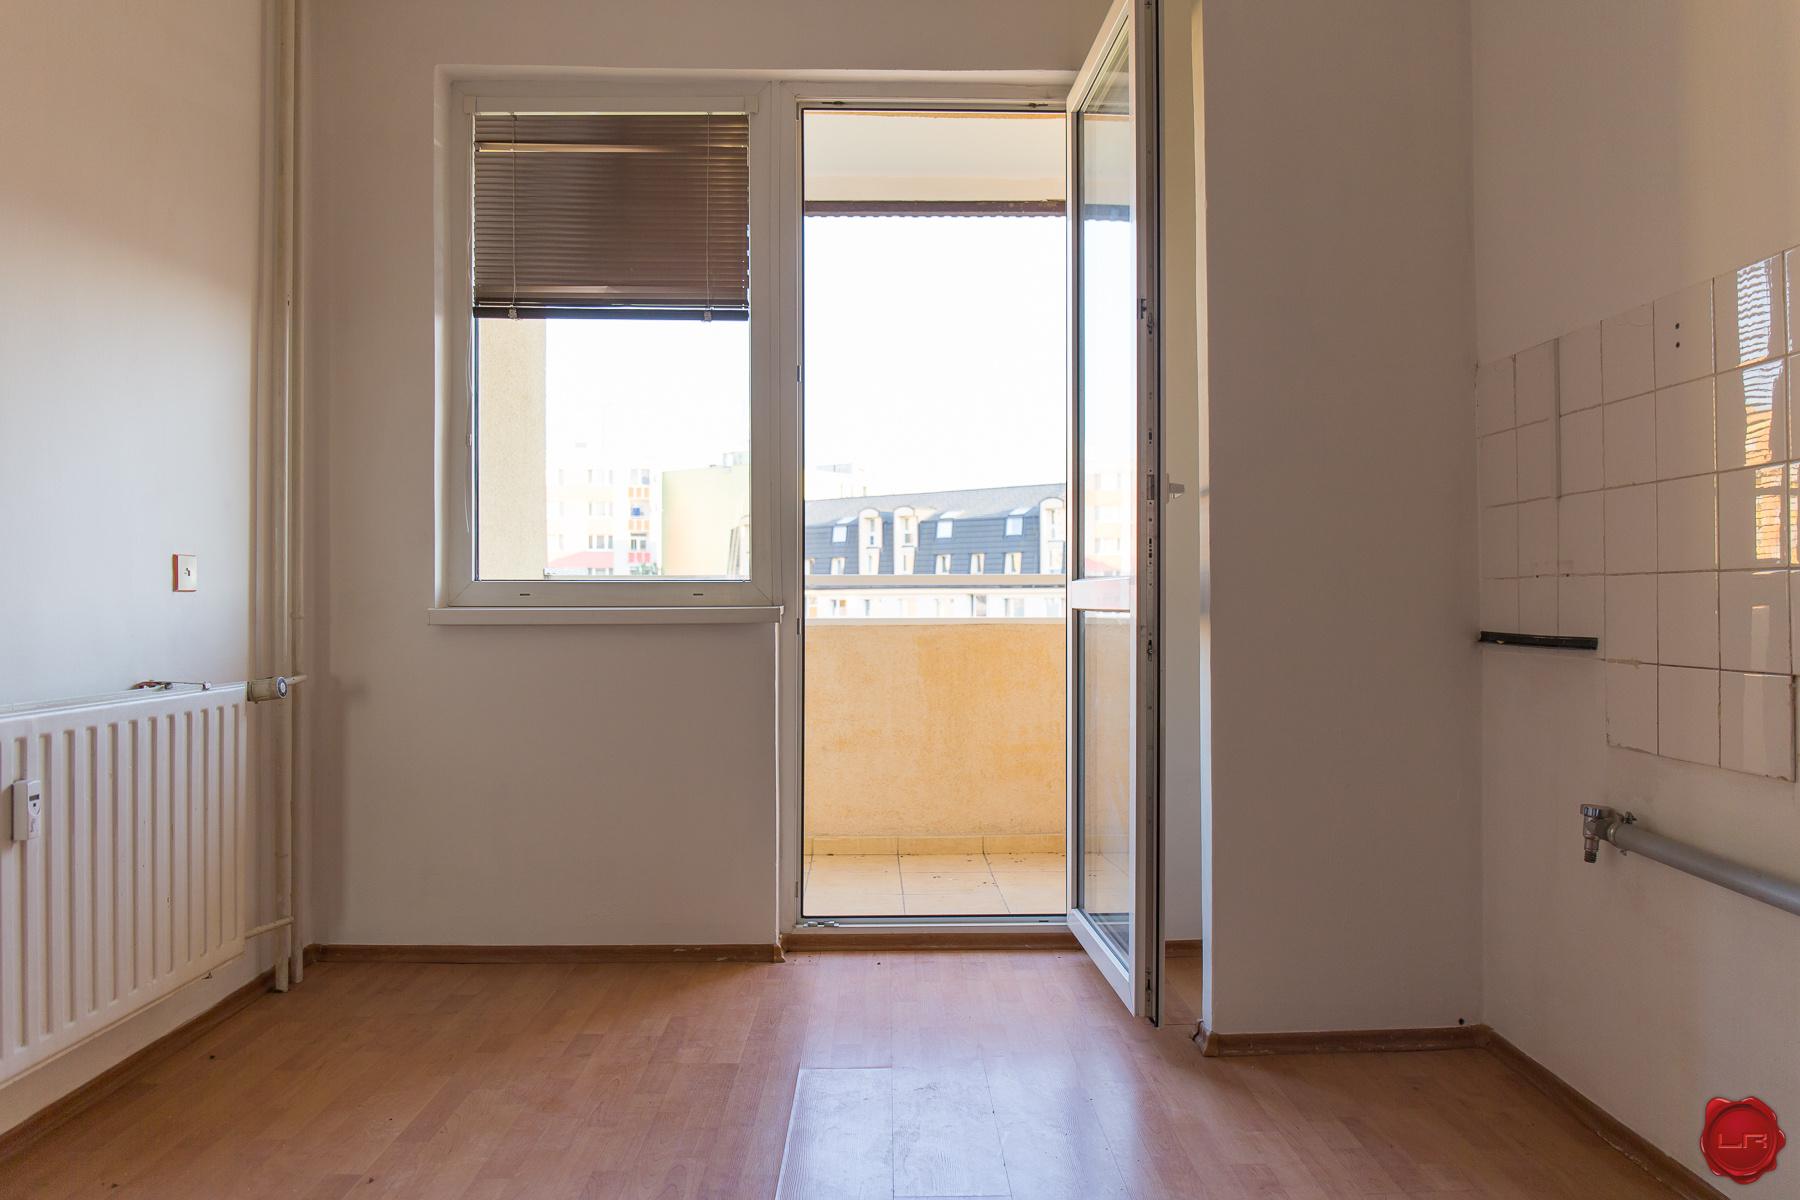 byt-snv-sidl-vychod-troj-izbovy-1.jpg